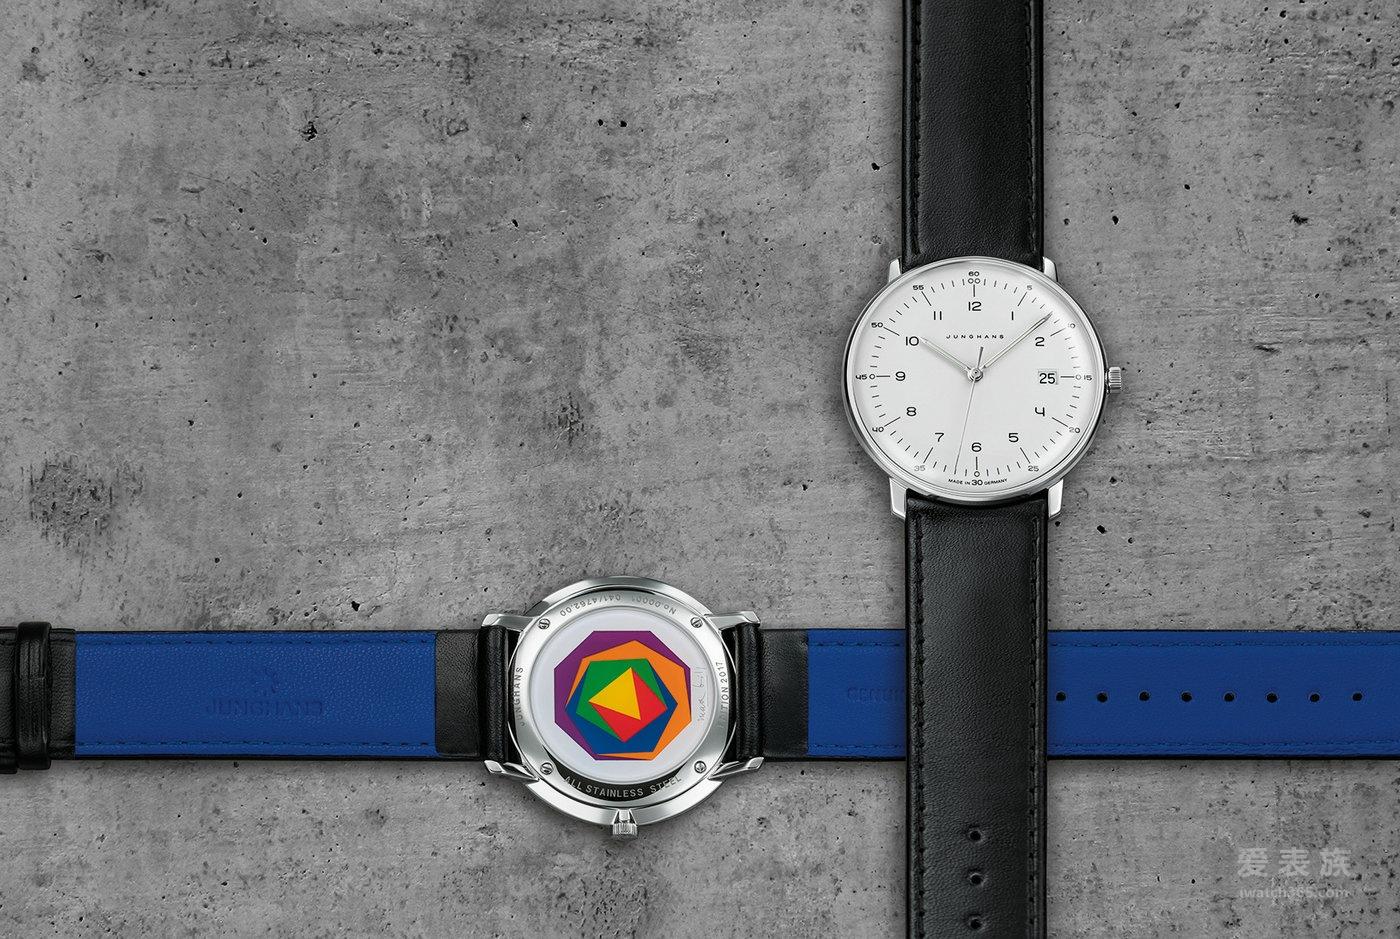 【2017 巴塞尔钟表展新款】荣汉斯新款限量版结合了包豪斯设计巨匠Max Bill的两大杰作